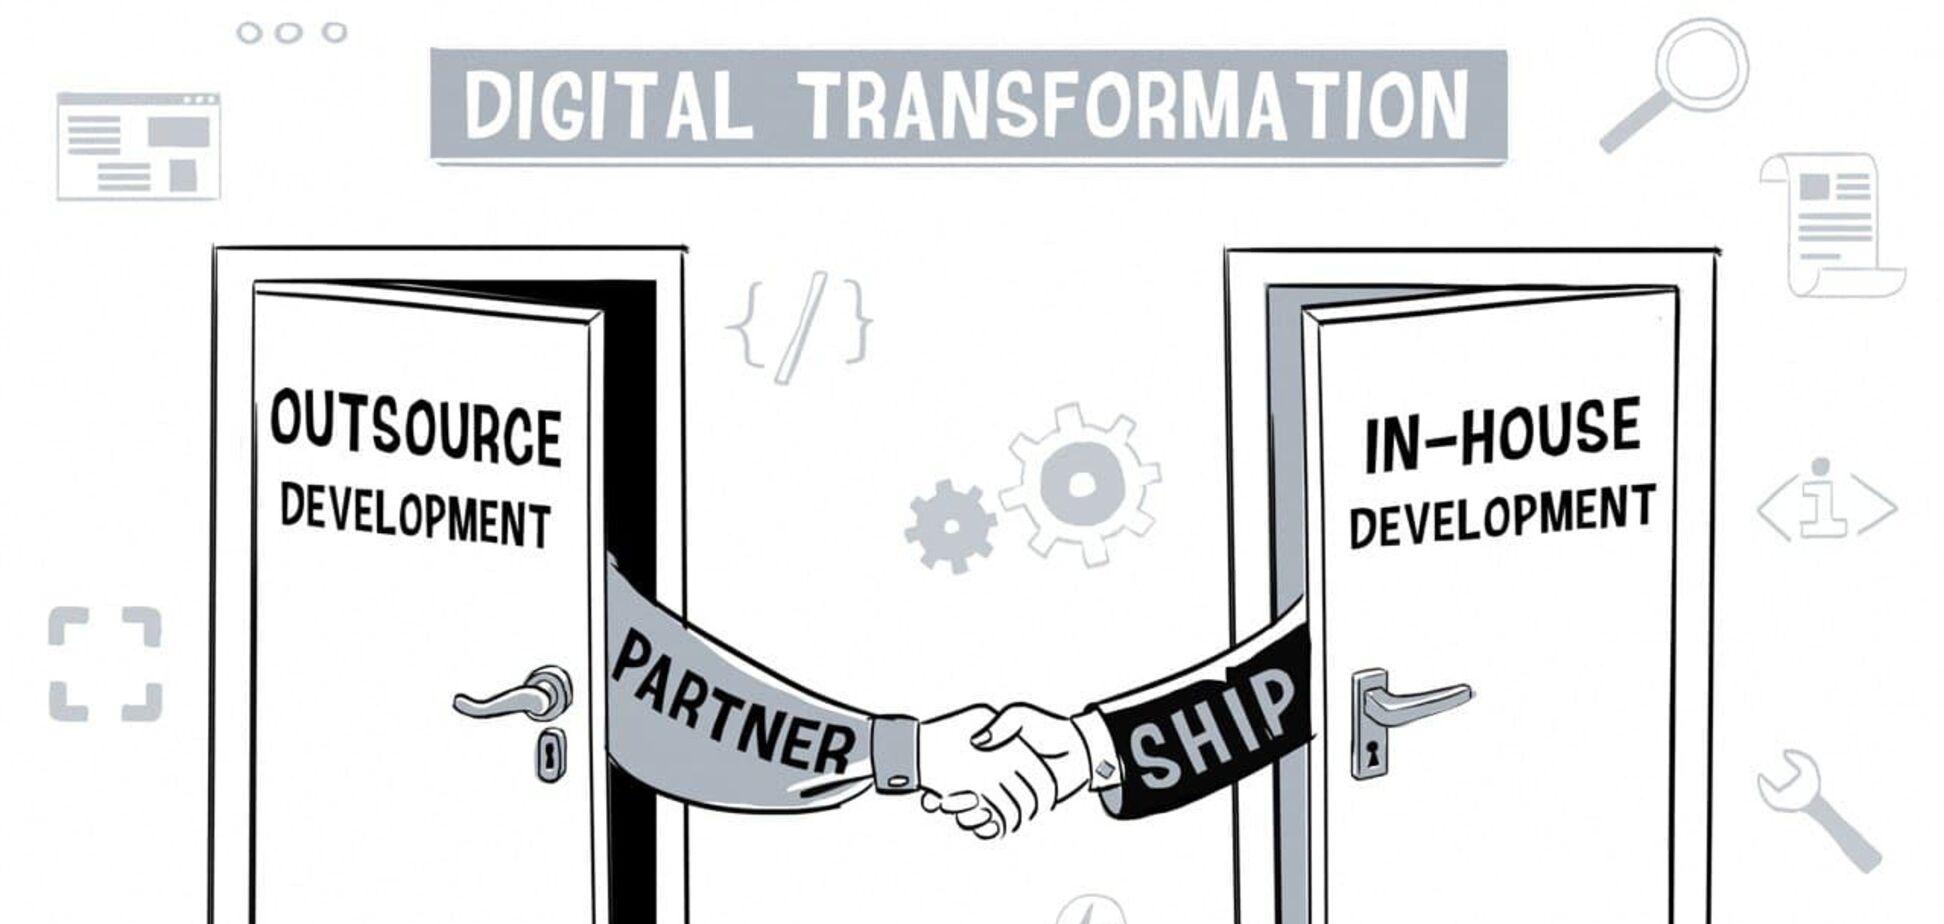 Київстар робить ставку на партнерство при розробці IT-систем